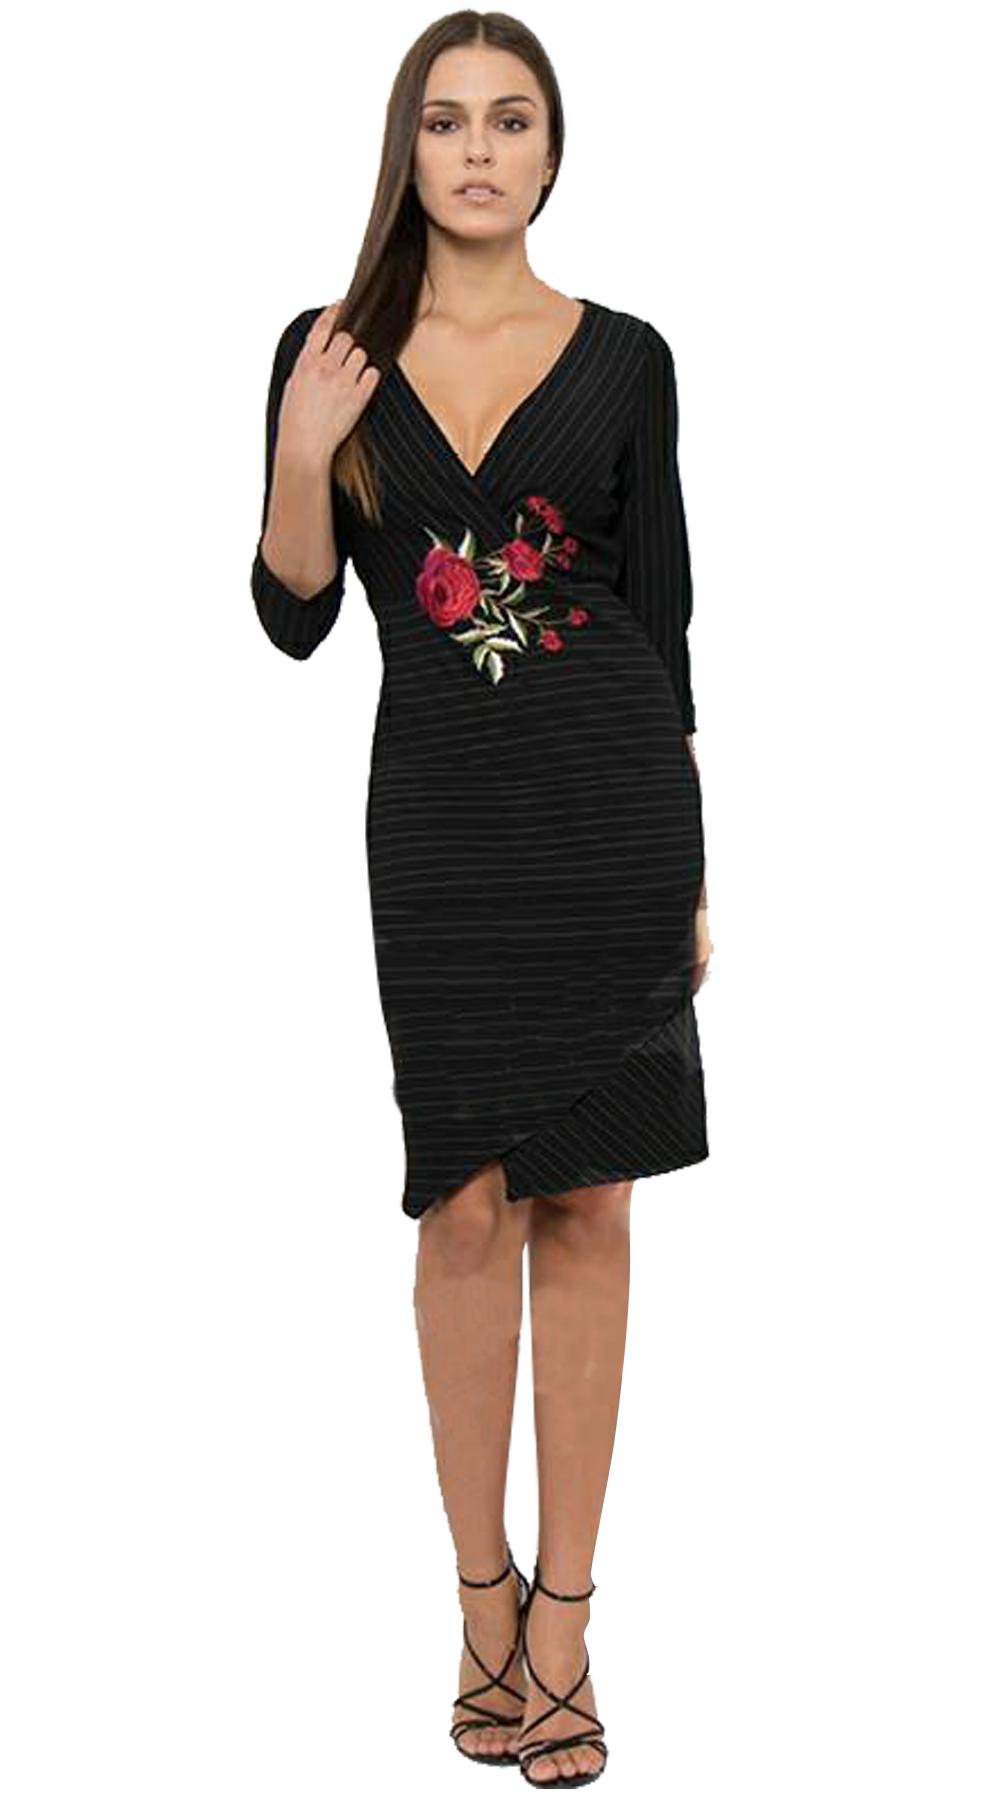 Μίντι κρουαζέ φόρεμα Curvy με ρίγες και κεντημένα λουλούδια - OEM - FA17OP-C-562 curvy φορέματα